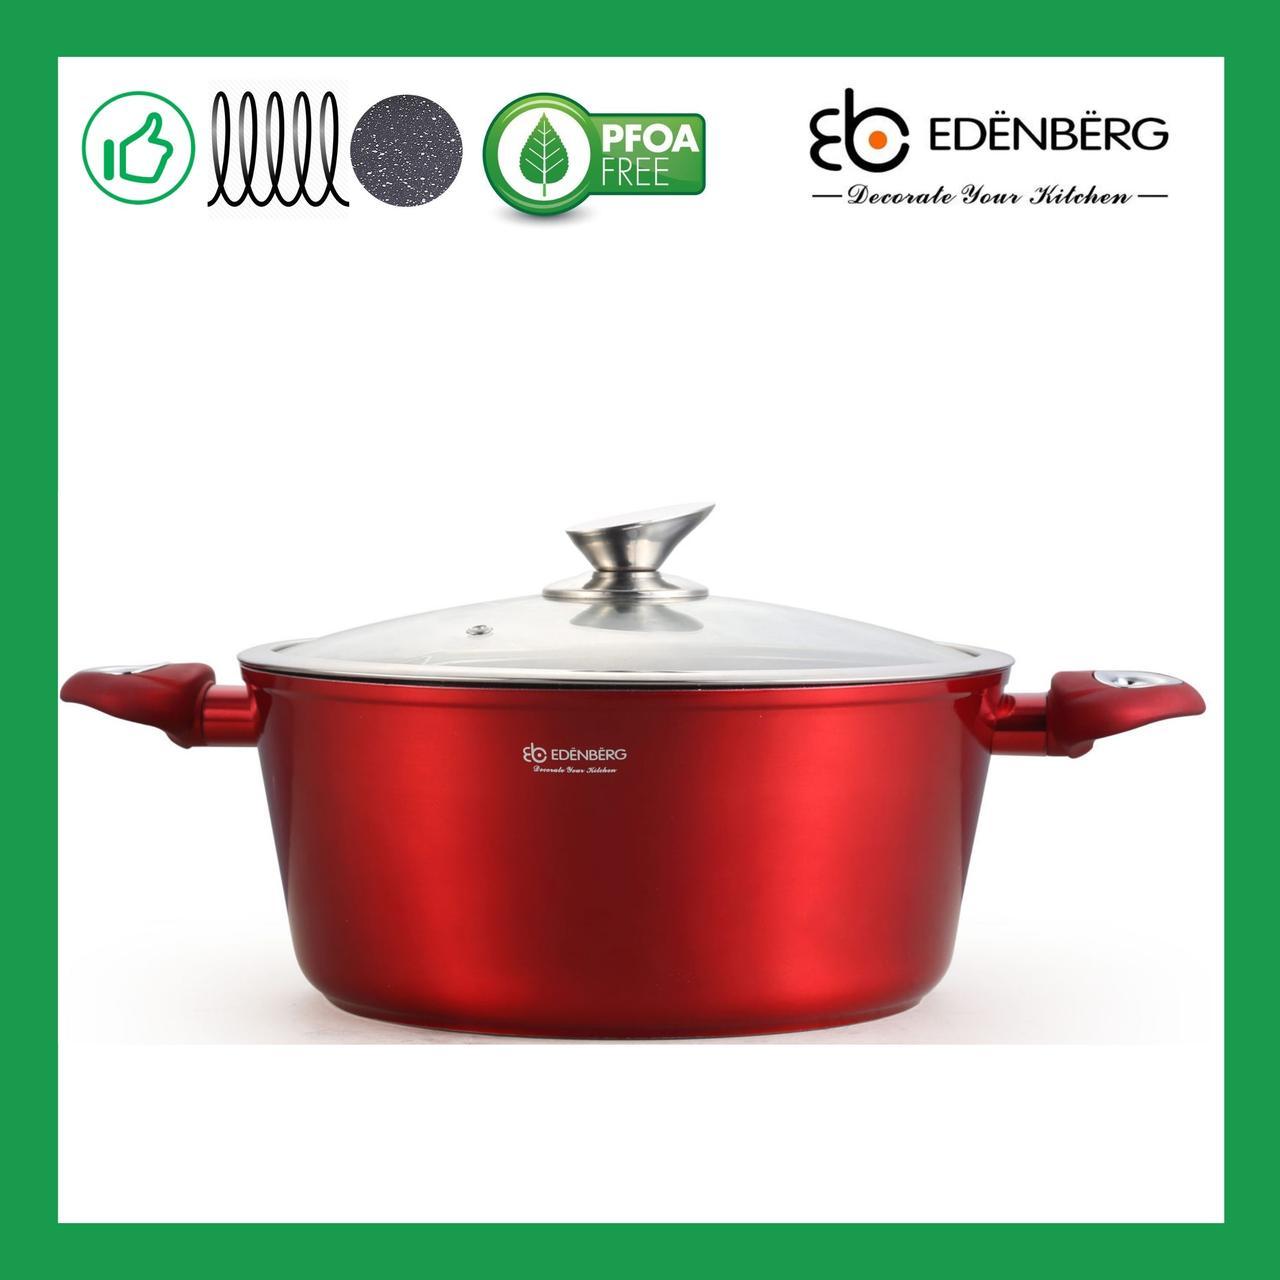 Кастрюля-казан 6.3 л Edenberg с мраморным антипригарным покрытием и крышкой 28 см Красный (EB-7412)